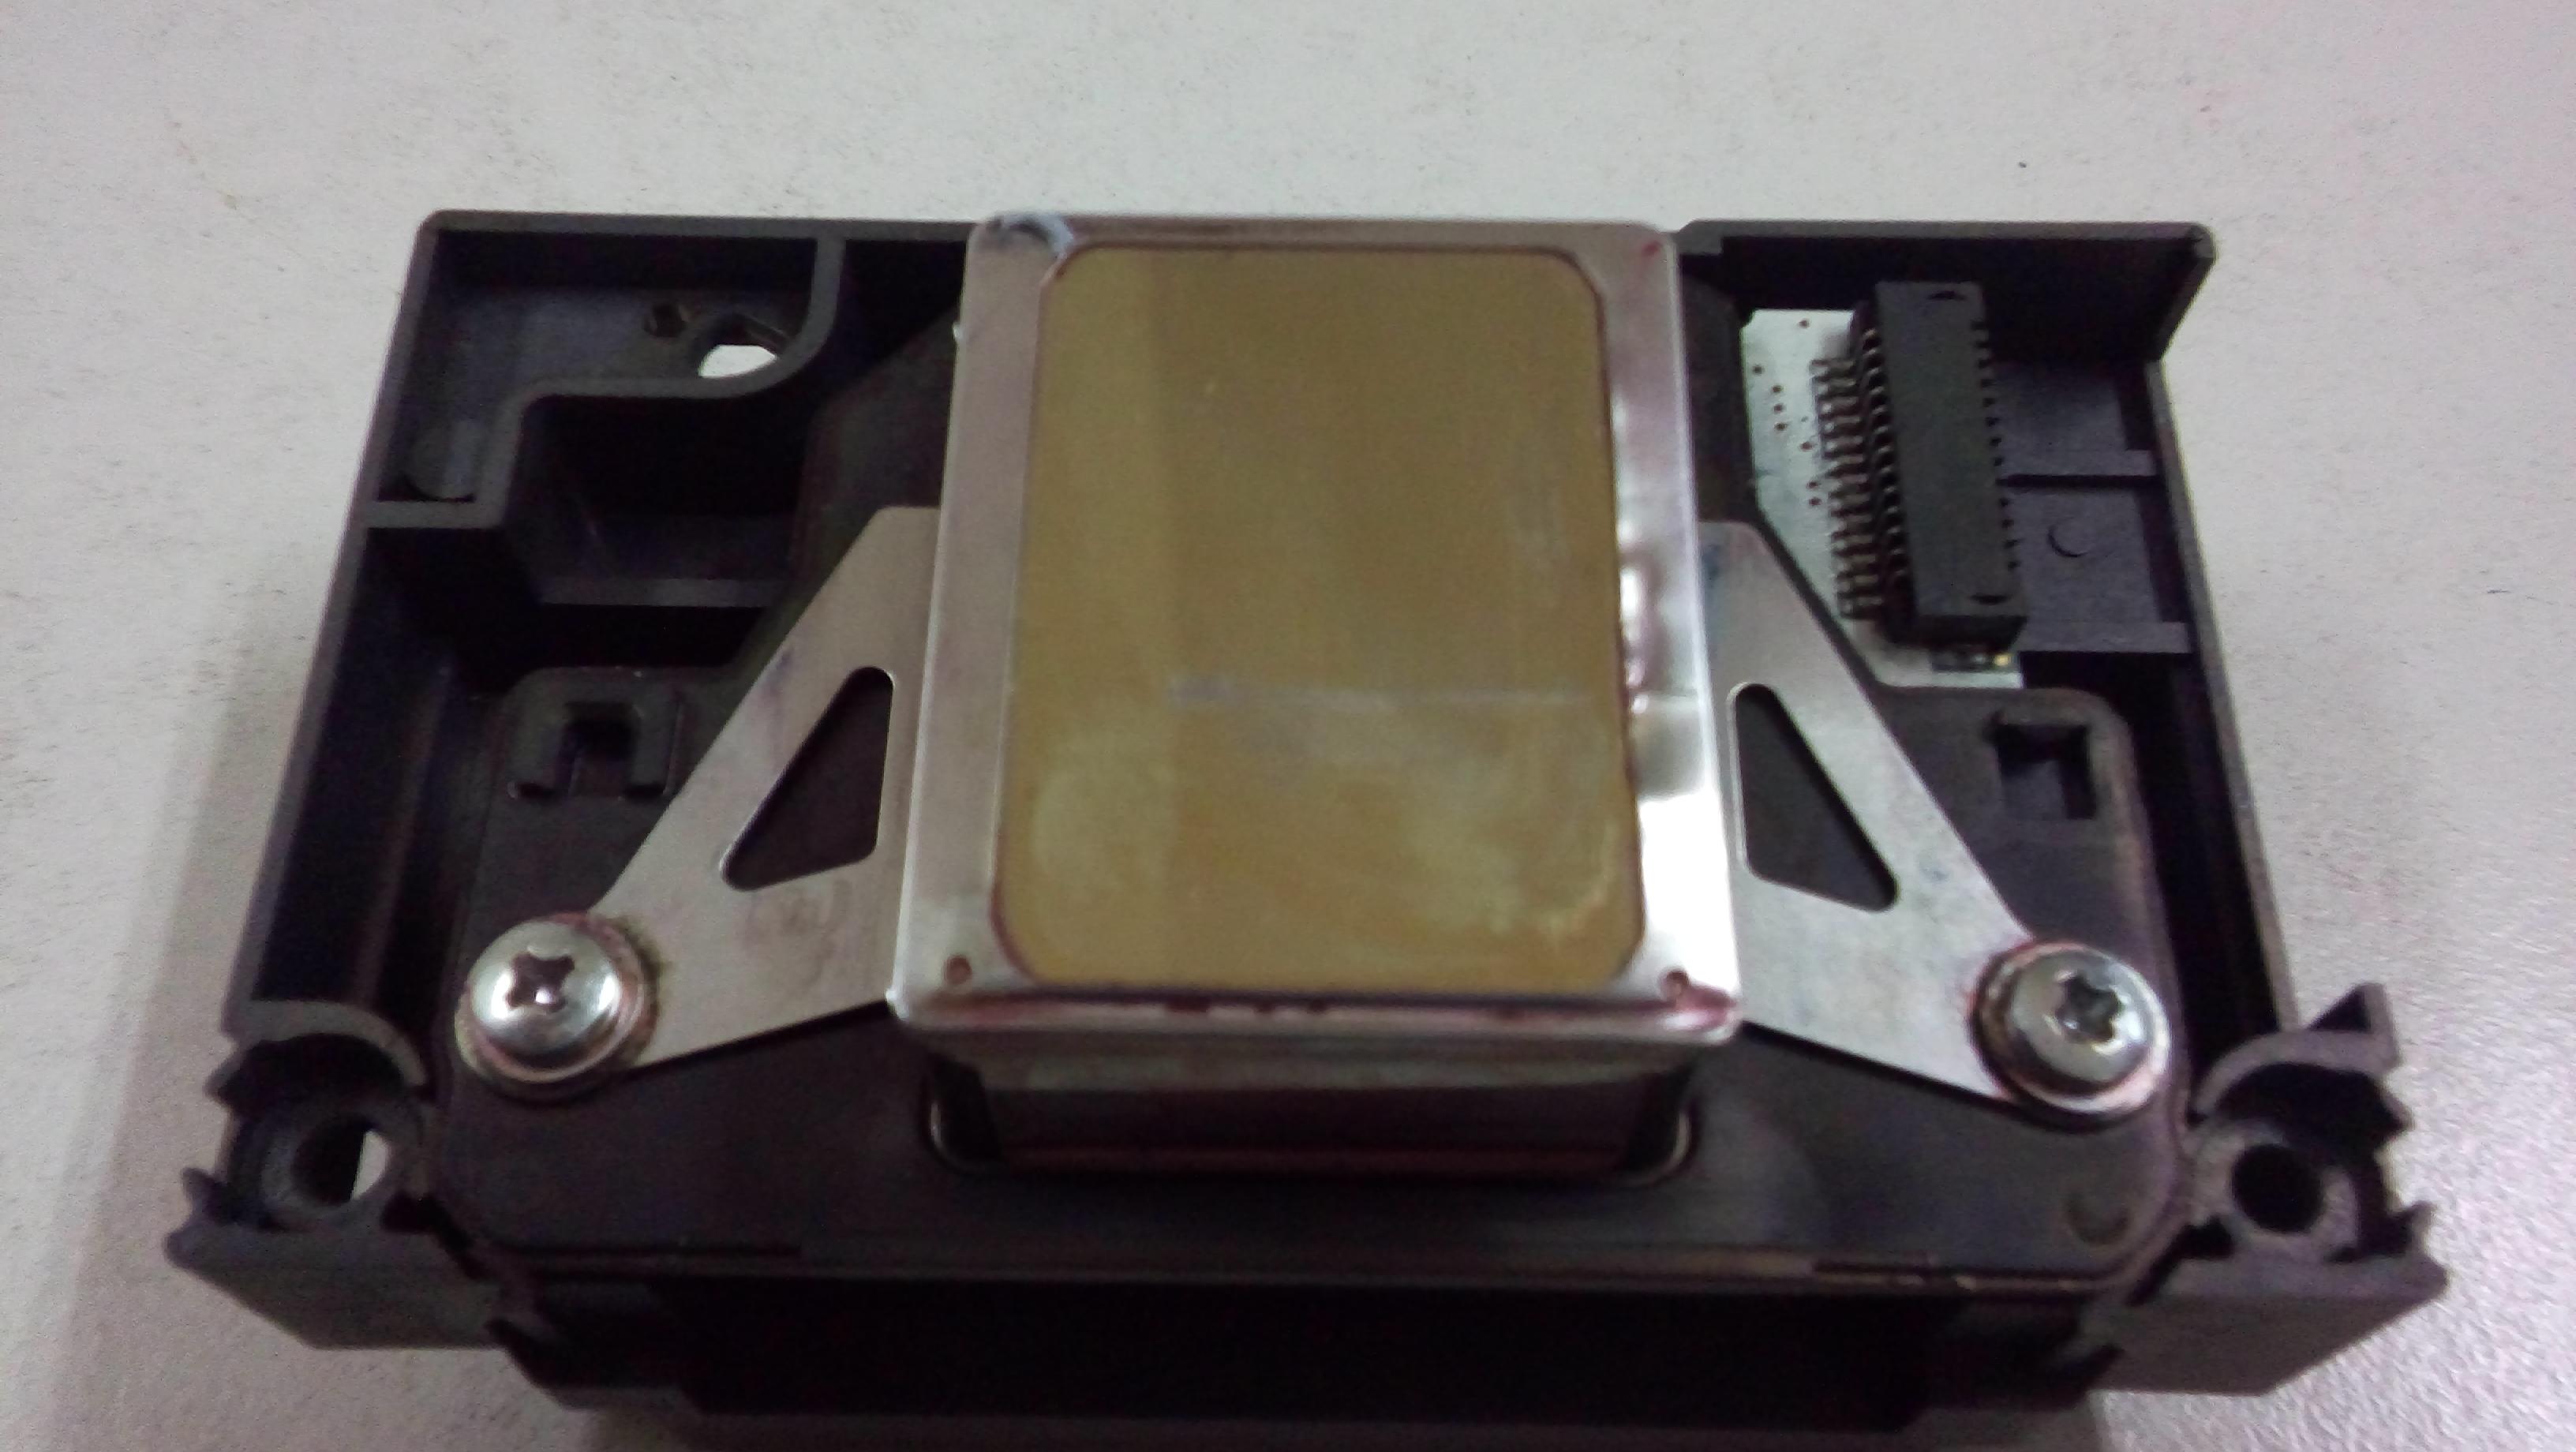 [$ 182 33] Brand New Epson Stylus Photo 1390 / 1400 / 1410 Printhead -  F173050 / F173060 / F173070 / F173080 / F173090